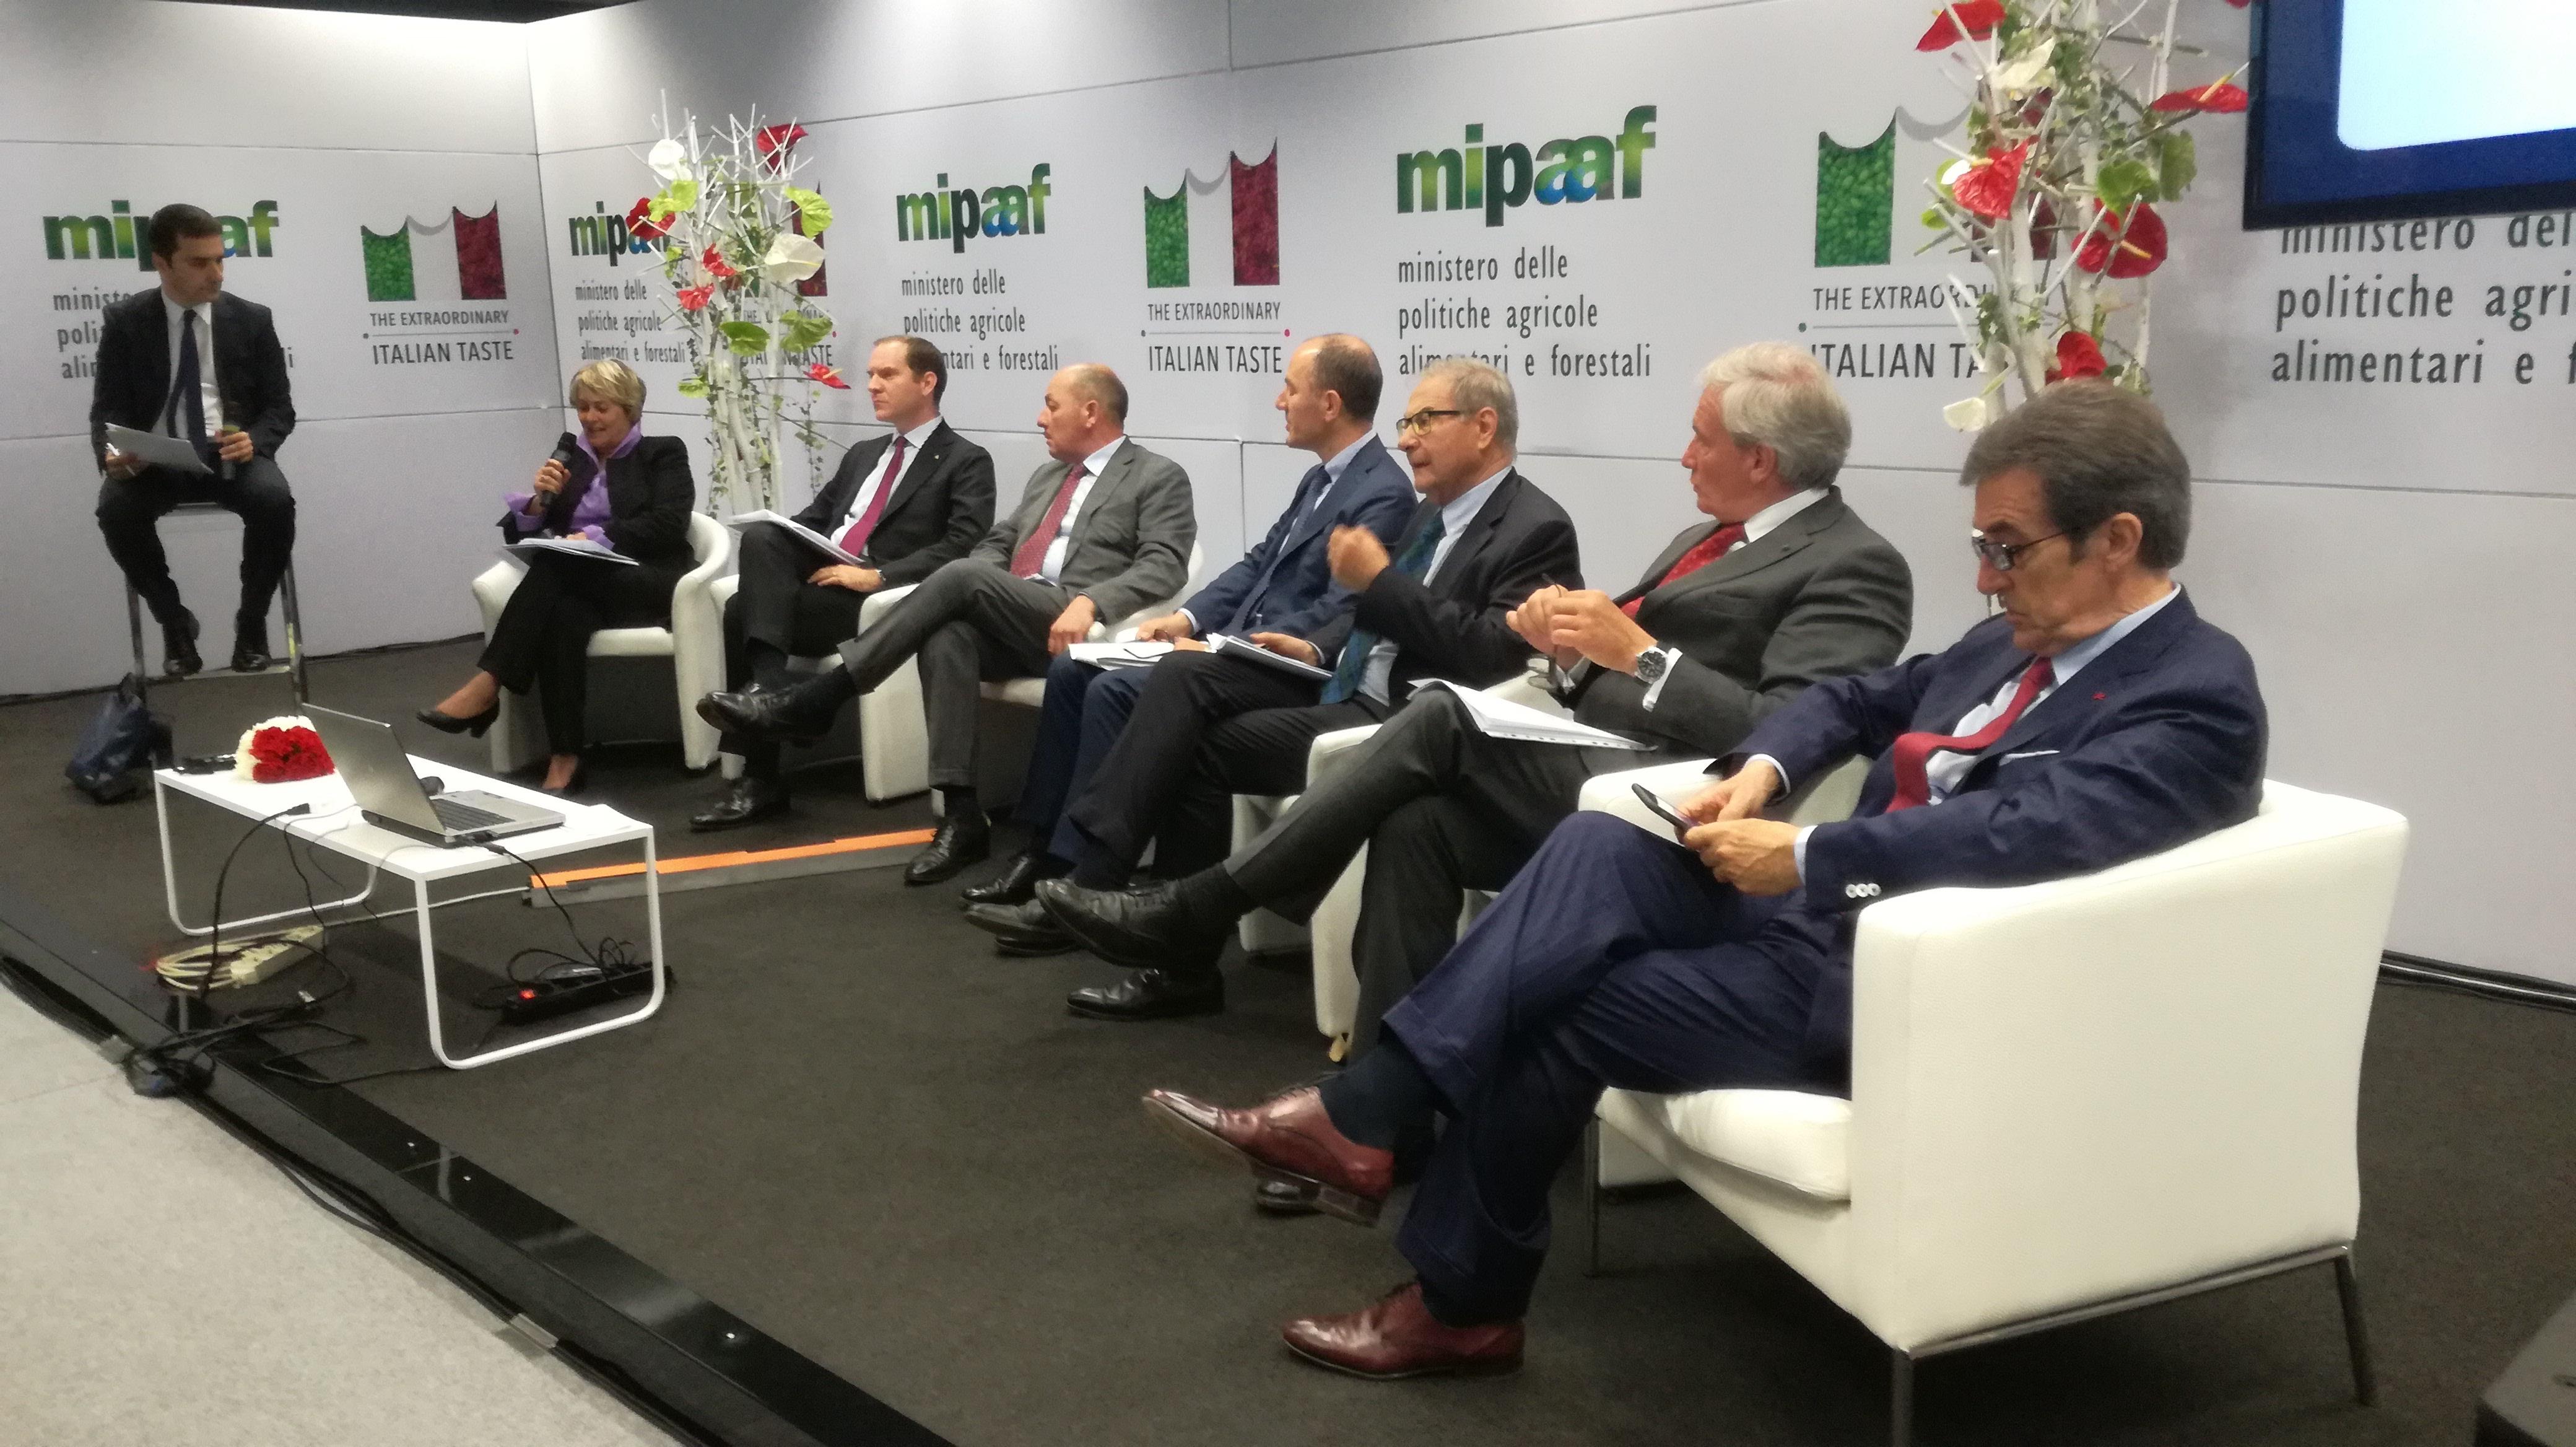 Vinitaly, la filiera del vino italiano unita per la competitività